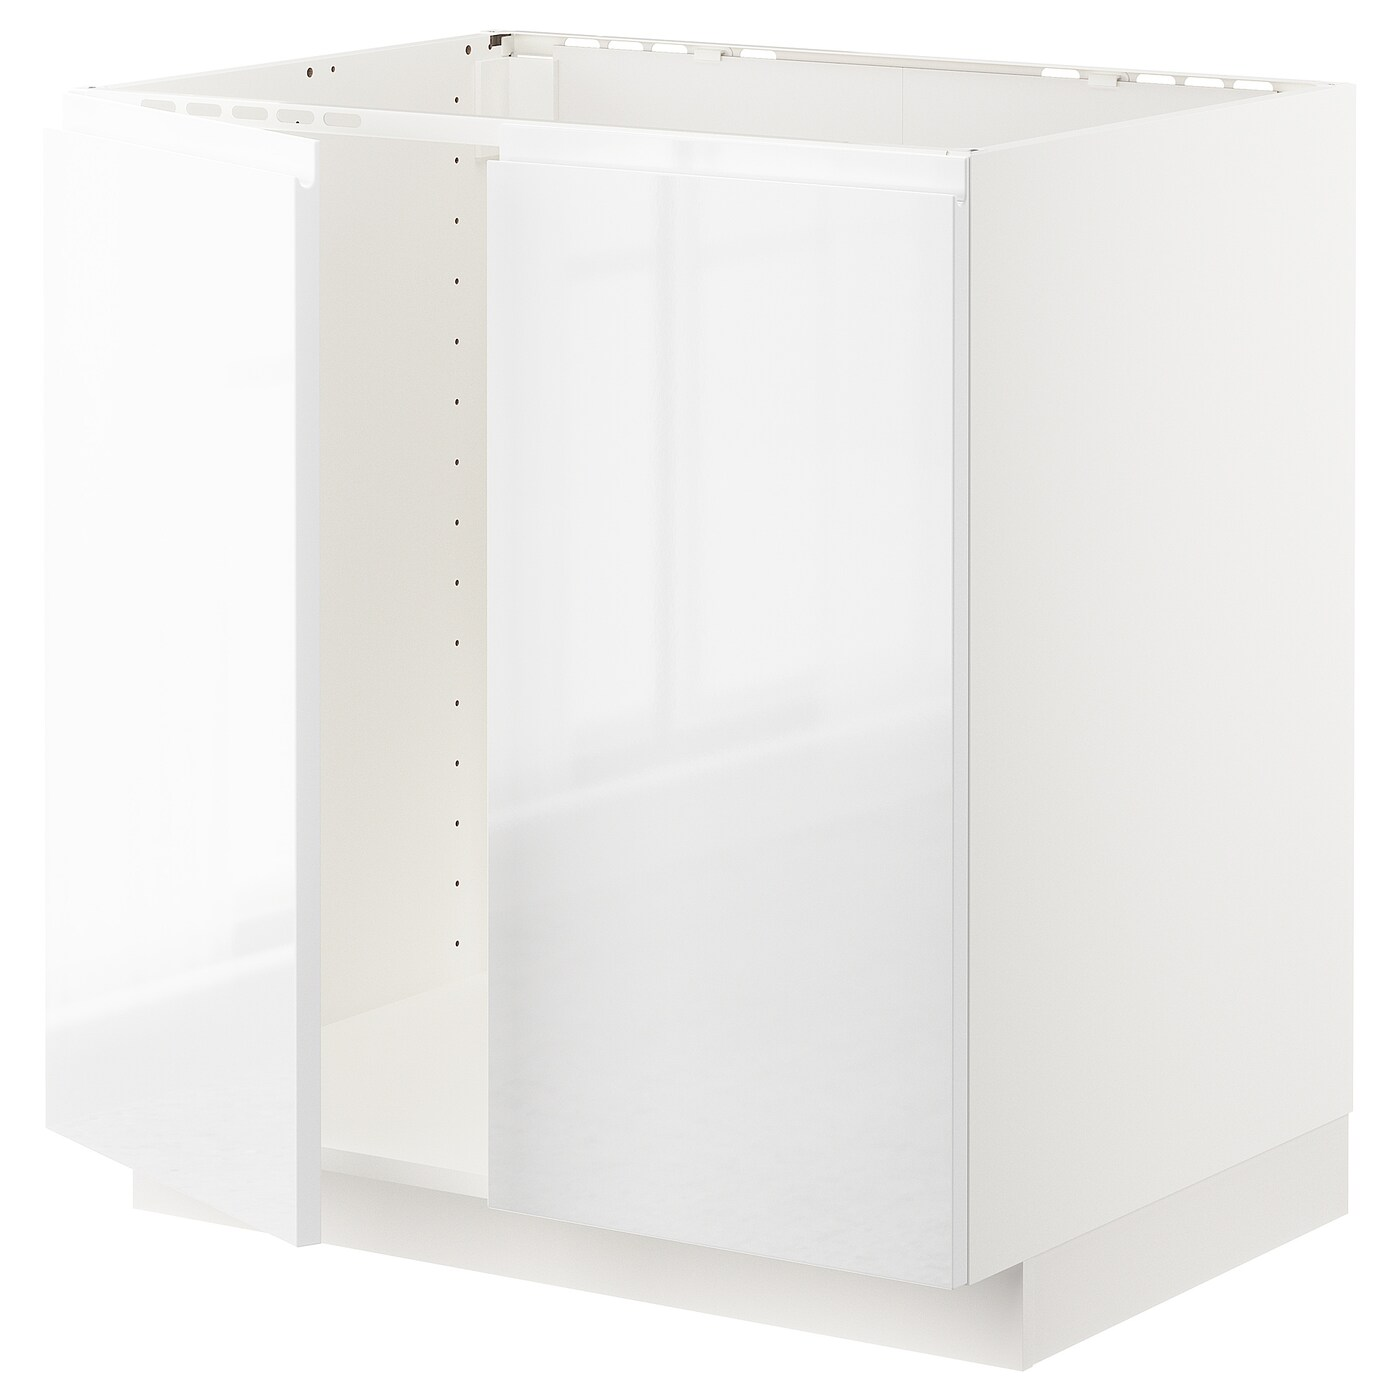 Full Size of Ikea Unterschrank Tren Fr Kchen Fyndig Mit Wei Küche Kaufen Betten 160x200 Badezimmer Bad Holz Sofa Schlaffunktion Miniküche Eckunterschrank Kosten Wohnzimmer Ikea Unterschrank